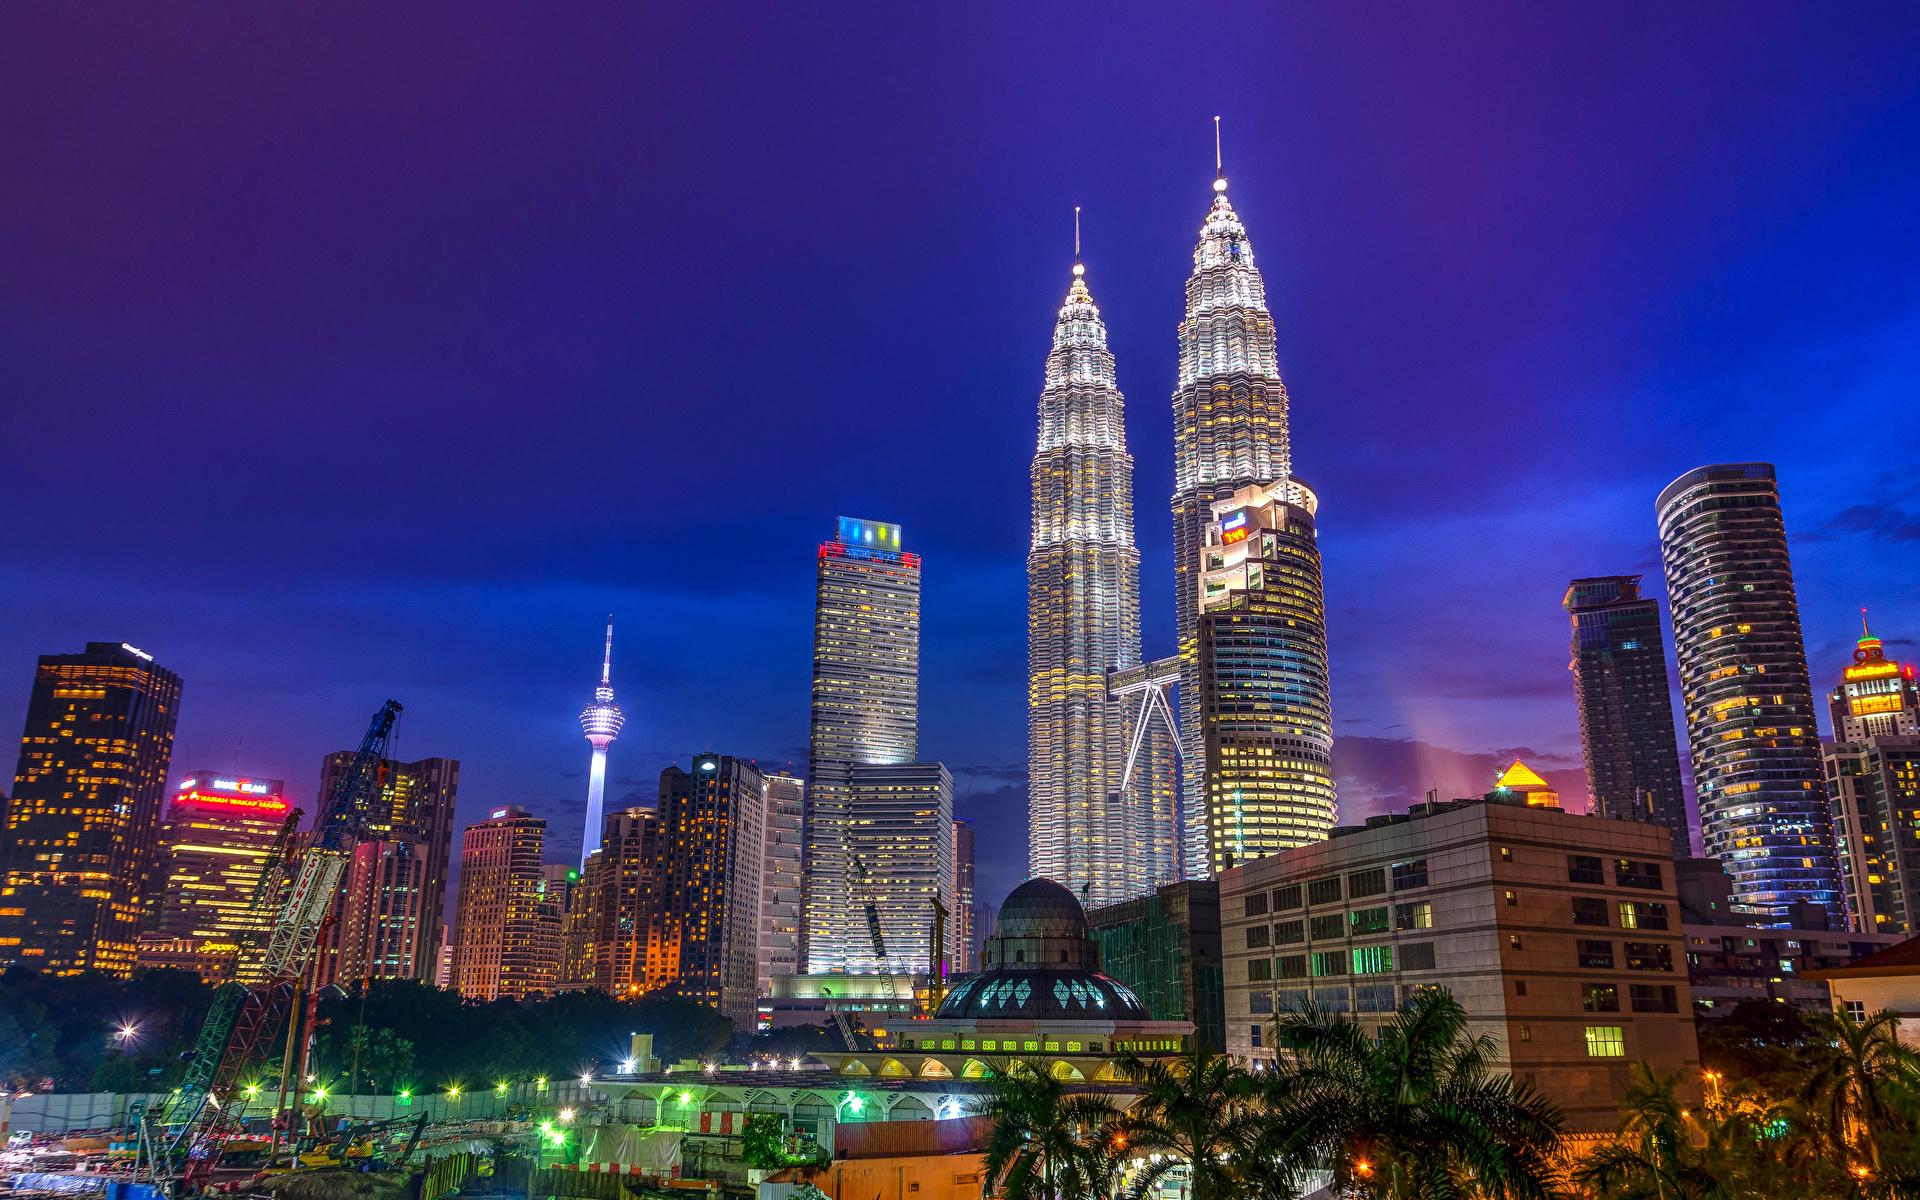 Такая разная Малайзия: 452 метра башен-близнецов и миниатюрность мишки